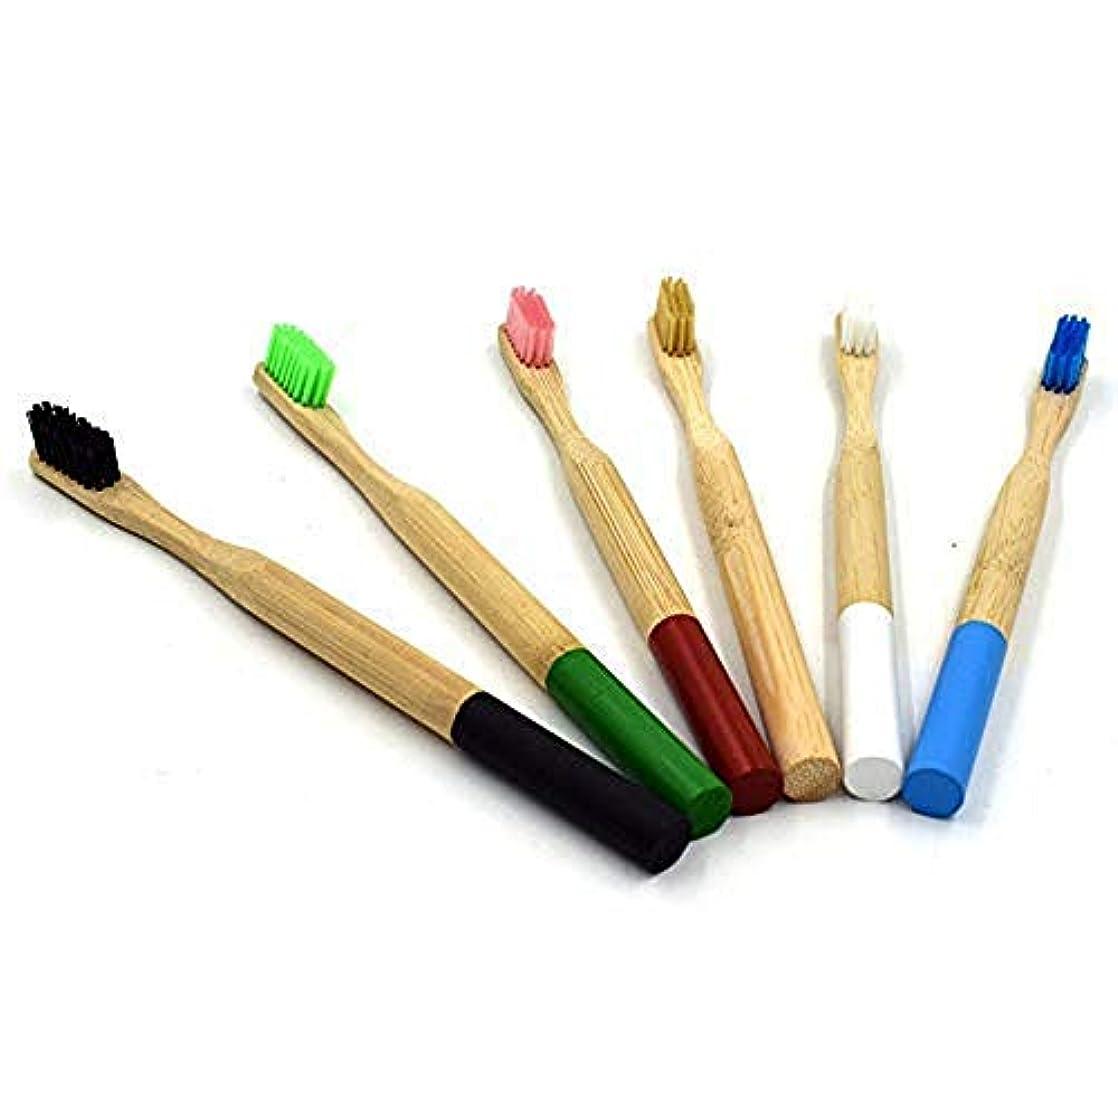 教える戻るよりTAOVK 6pcs 柔らかい毛の木製の歯のブラシ竹のハンドルの歯科口腔ケアの歯ブラシ